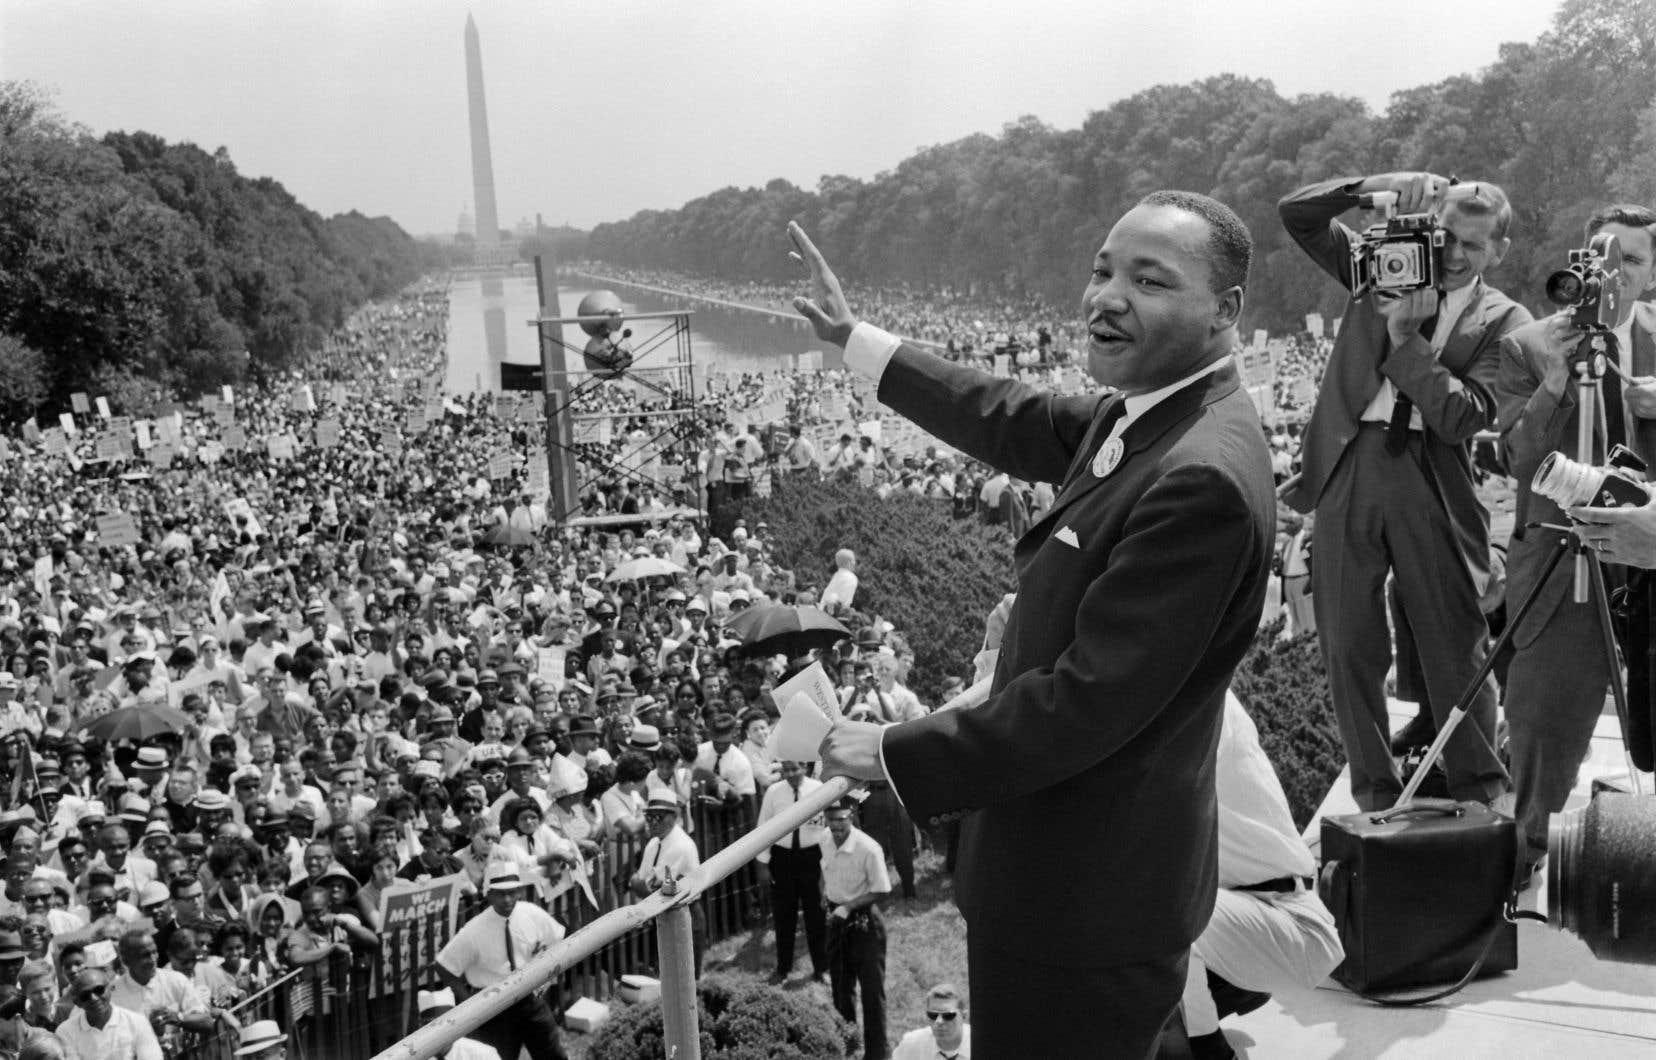 Le 28août 1963, lors de l'imposante Marche sur Washington, Martin Luther King a prononcé son célèbre discours «I have a dream».